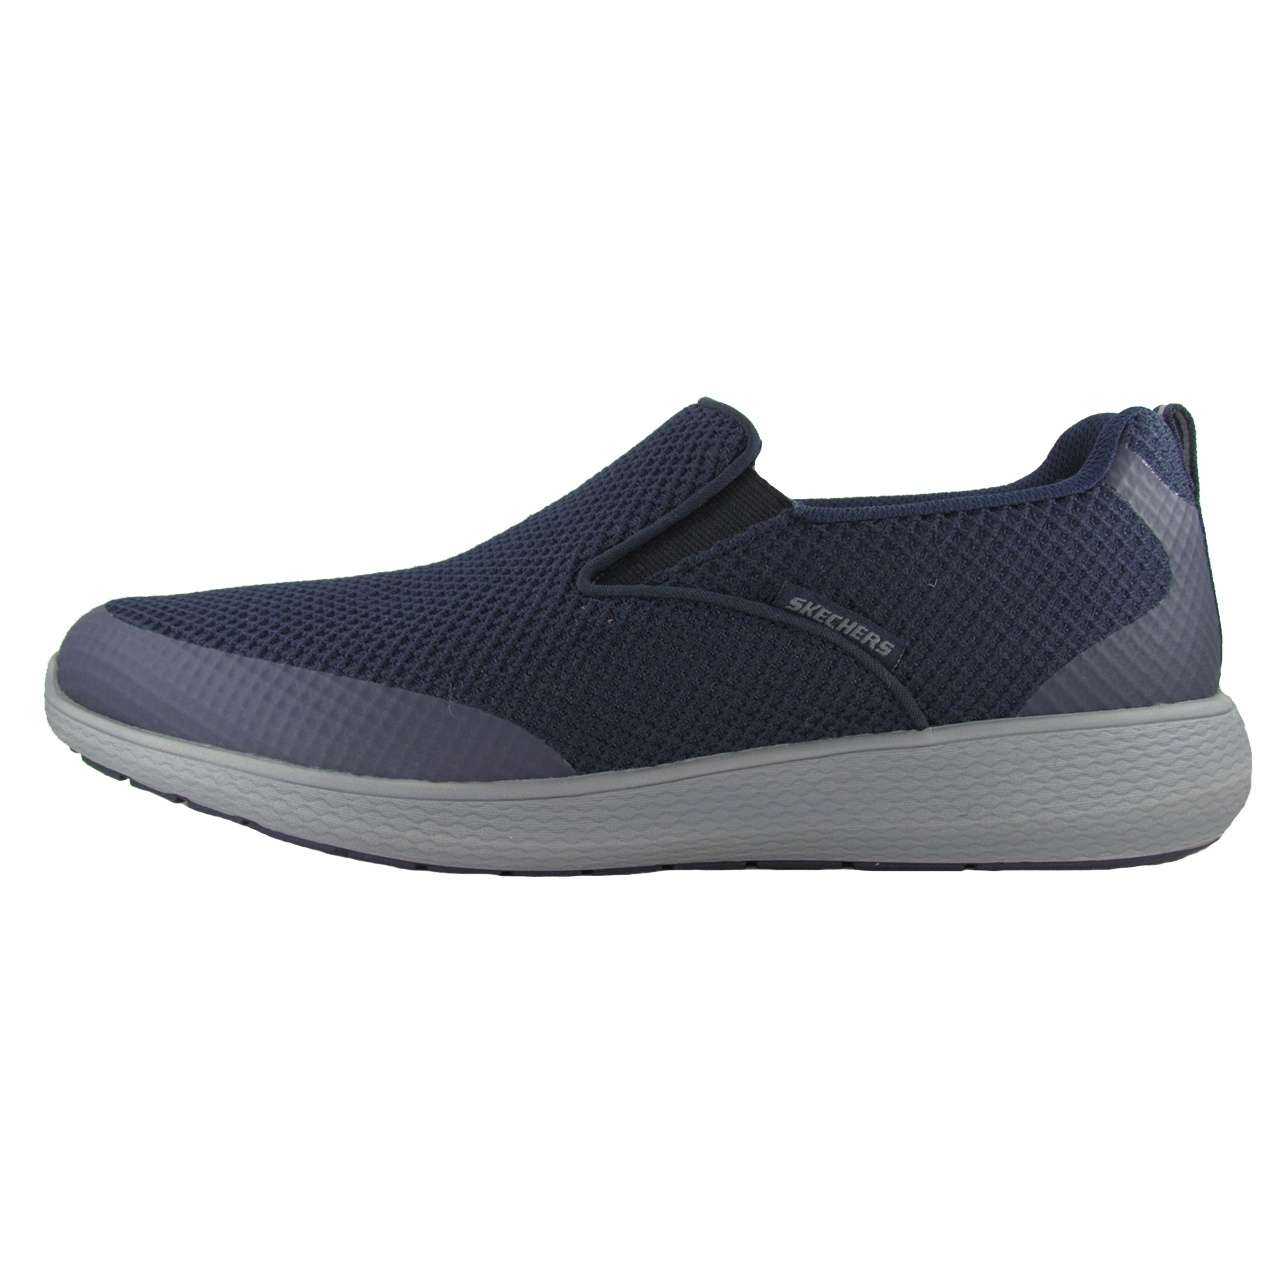 فروش کفش مخصوص پیاده روی مردانه اسکچرز مدل MIRACLE 52855 NVY